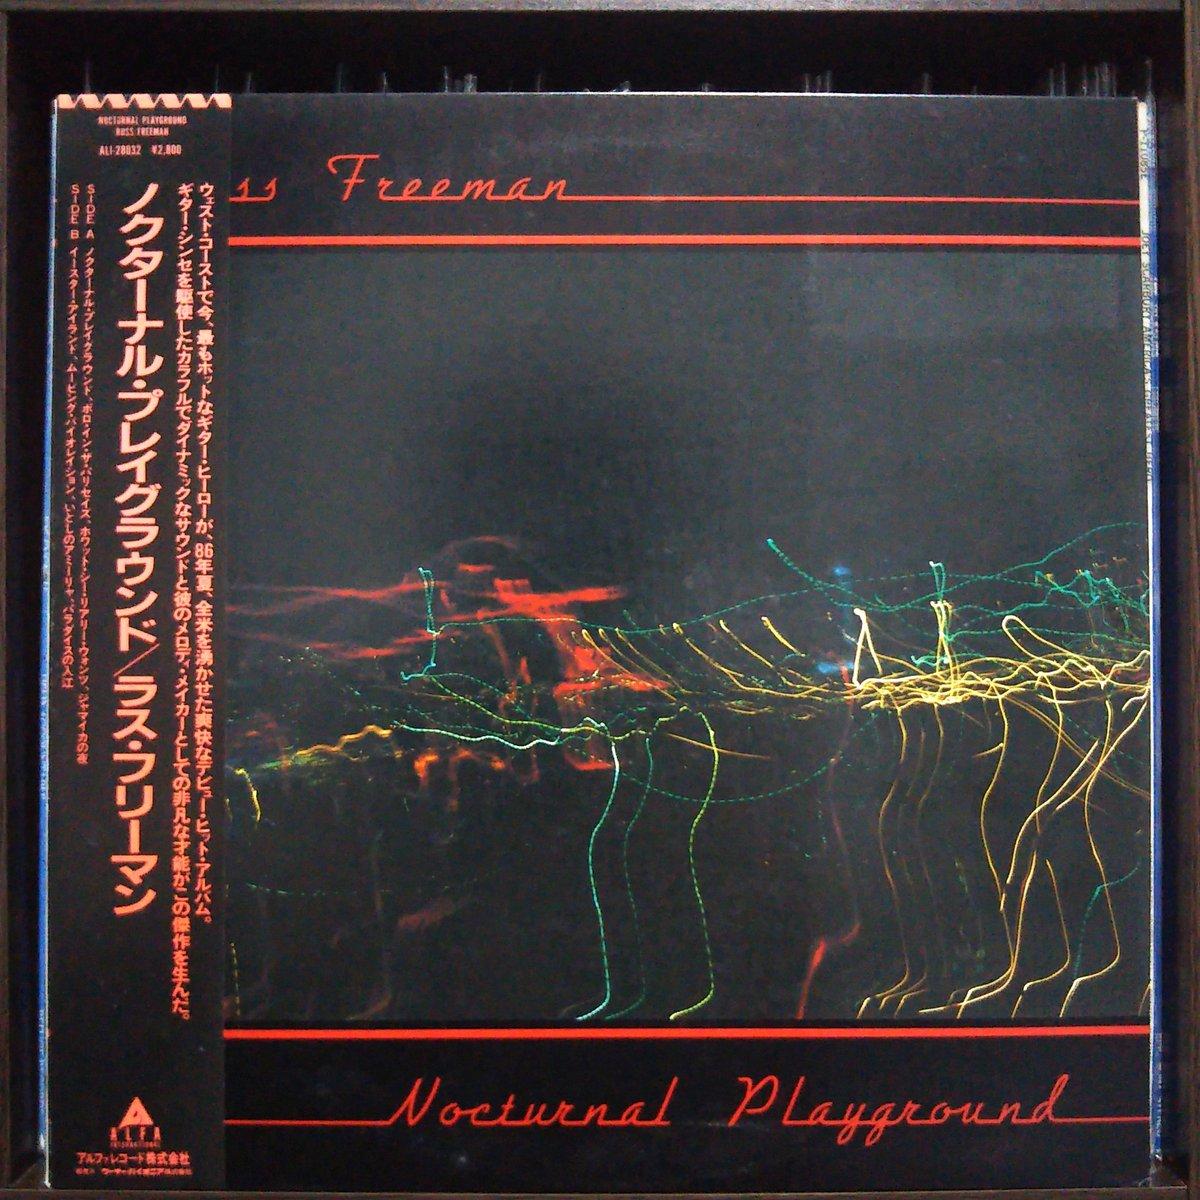 パラダイスの入江🏝️Russ Freeman - Paradise Cove (1986)#NowPlaying #Fusion #Rippingtons